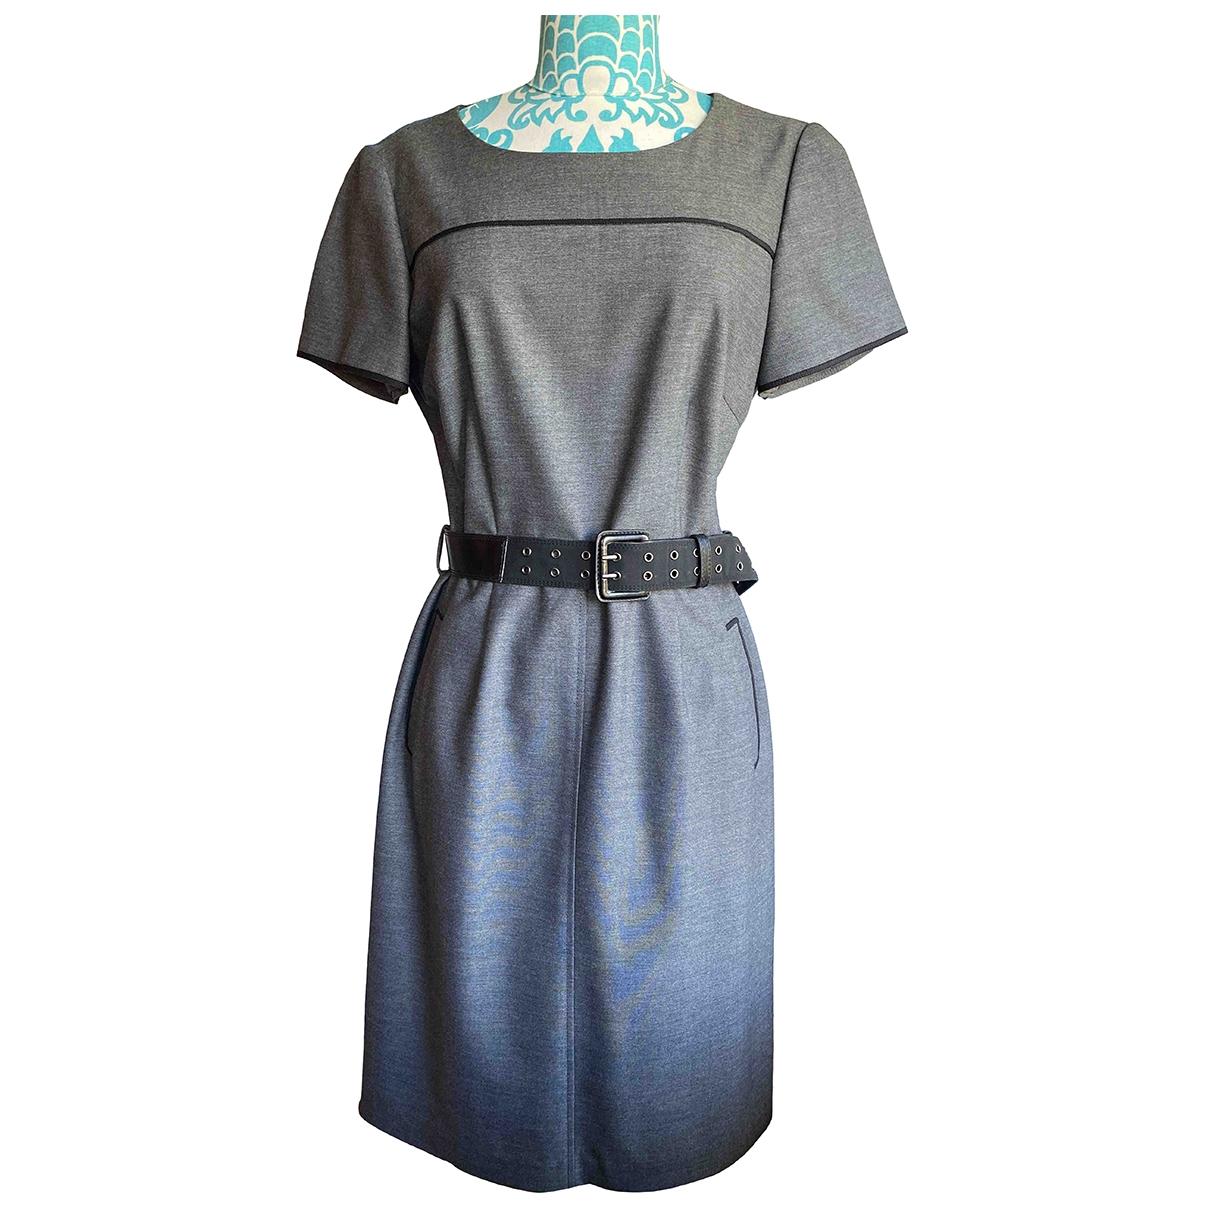 Elie Tahari \N Kleid in  Grau Baumwolle